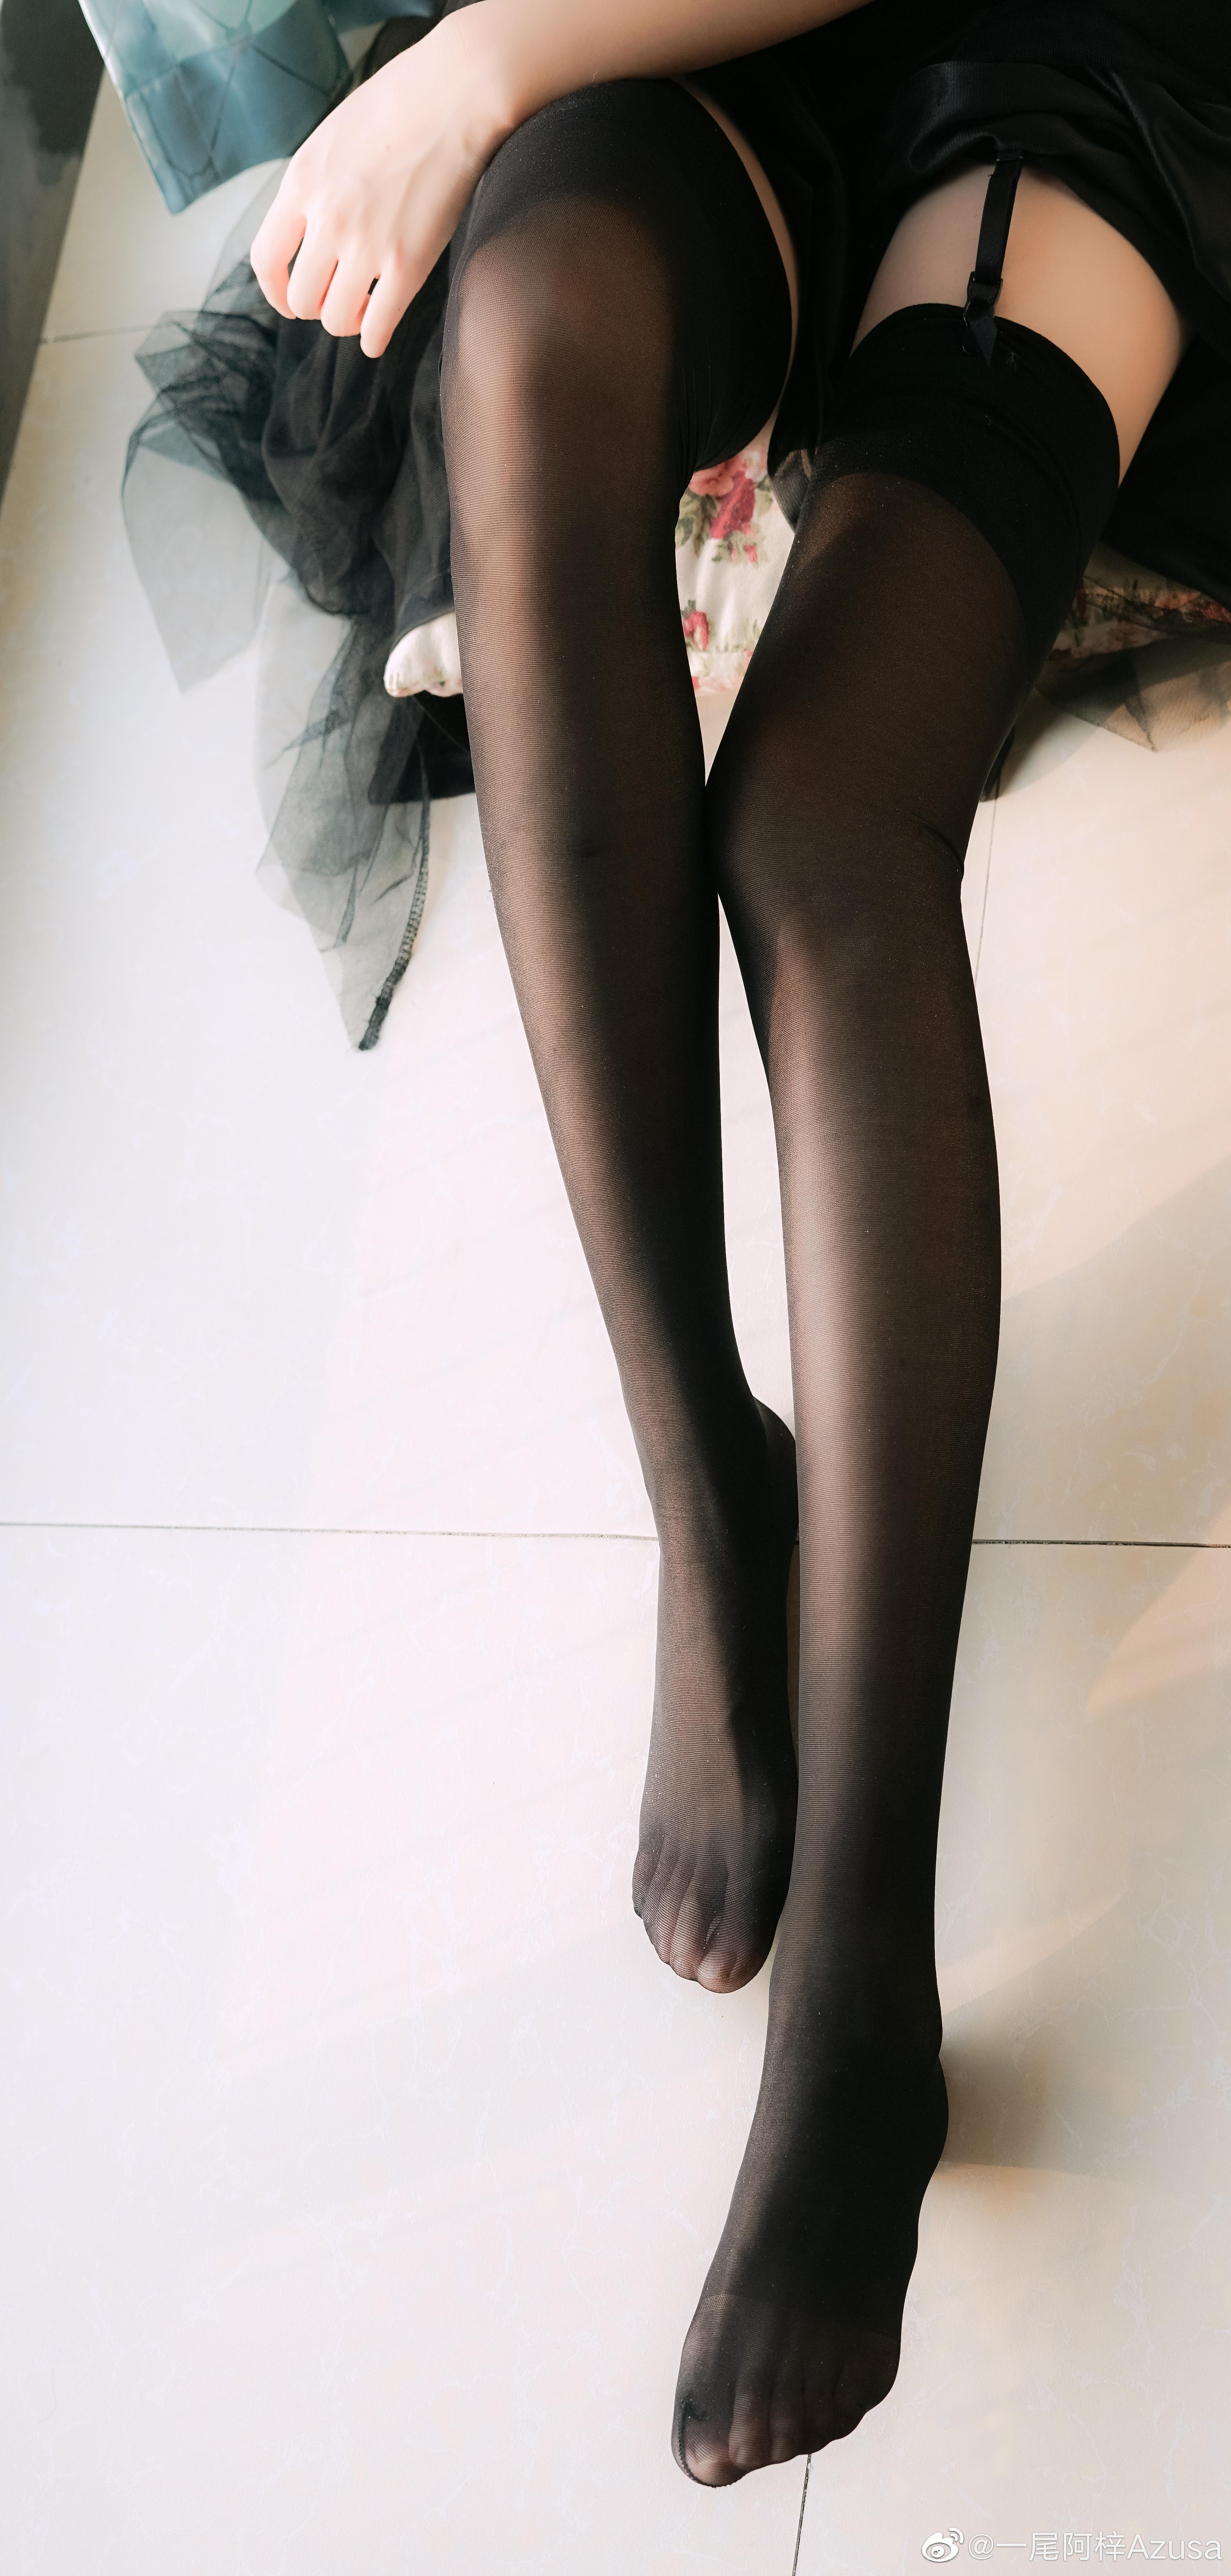 穿丝袜的腿还是有点肉肉好看 绅士领域-第6张